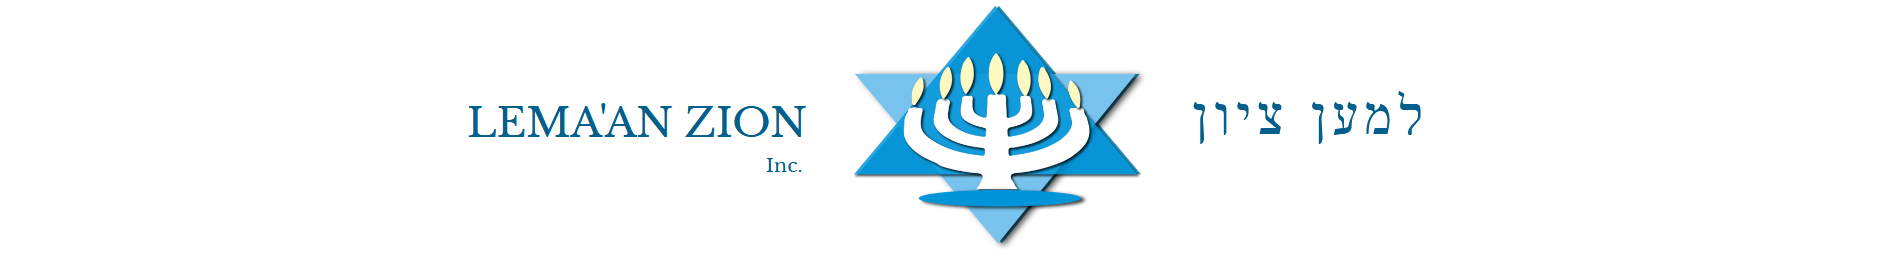 Lema'an Zion